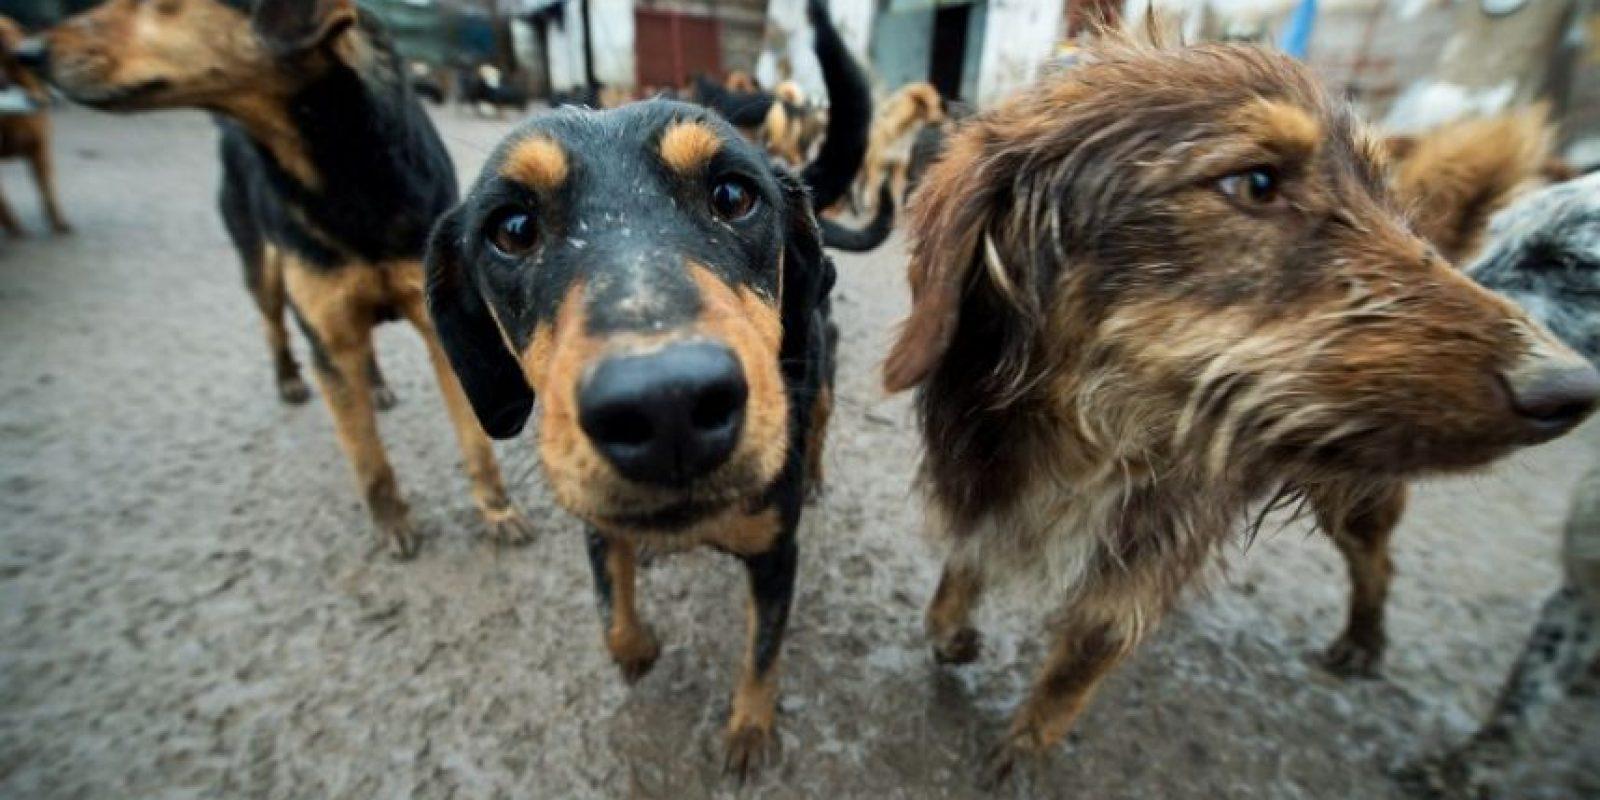 La segunda semana los perros llegan al lugar y se tratan de adaptar. Foto:AFP